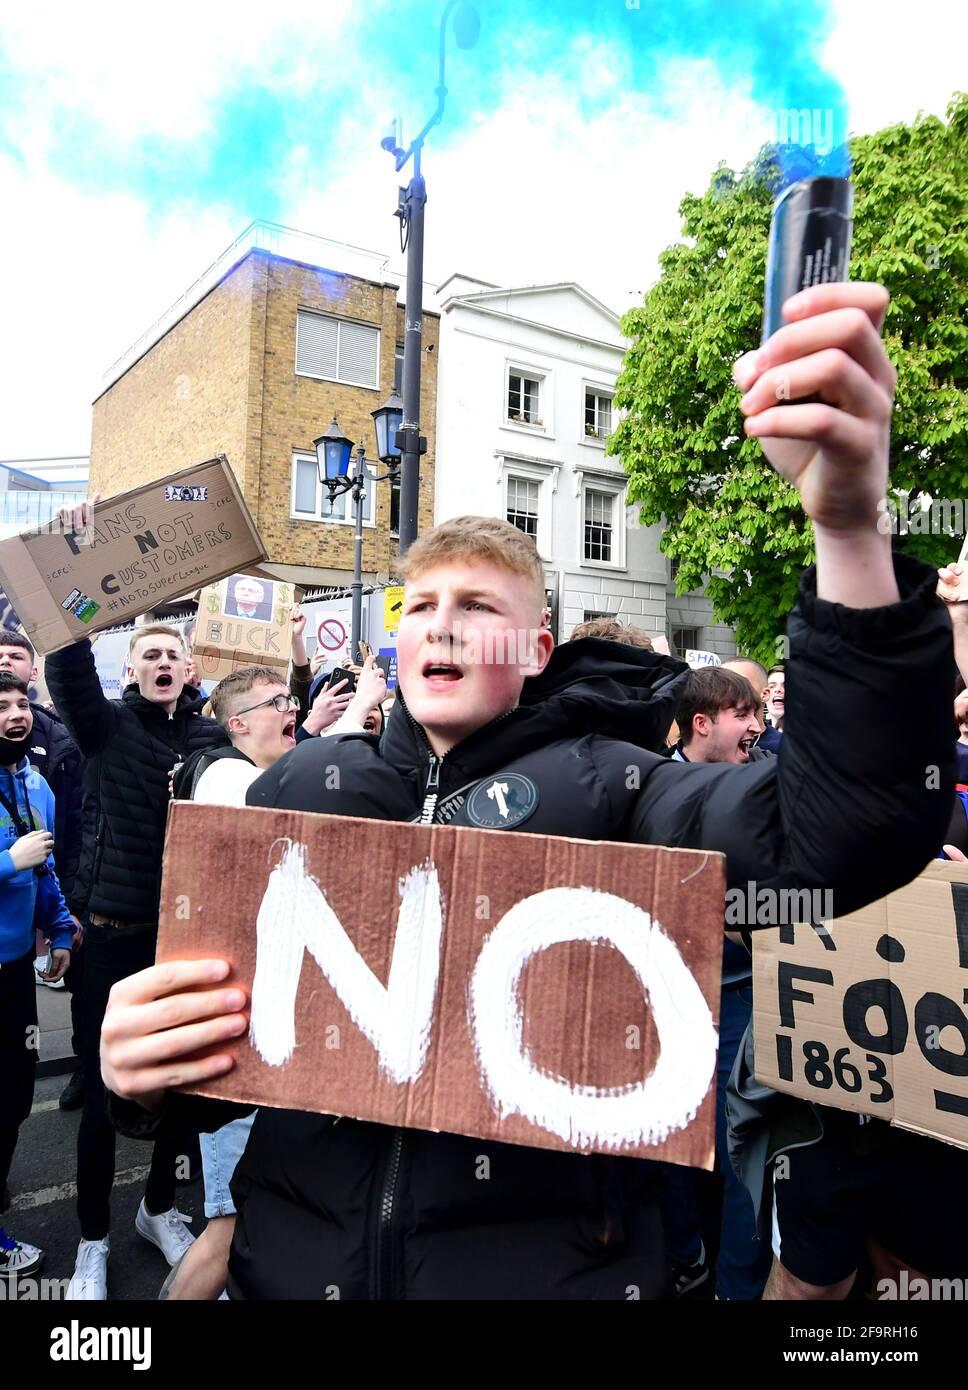 I tifosi protestano contro il coinvolgimento di Chelsea nella nuova Super League europea fuori da Stamford Bridge, Londra. Data immagine: Martedì 20 aprile 2021. Foto Stock